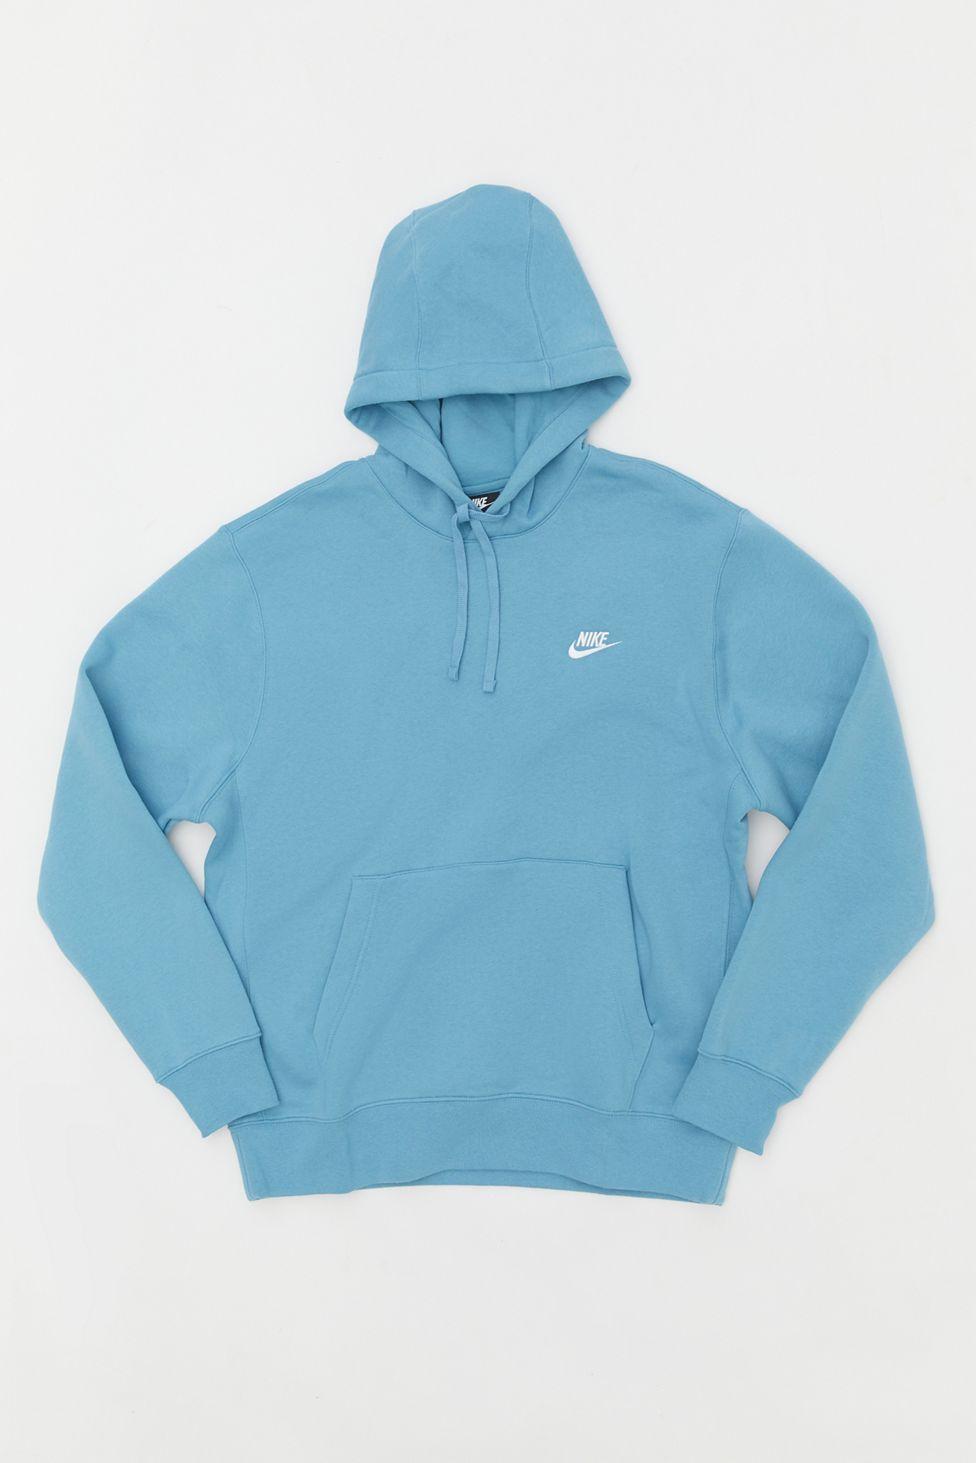 Nike Swoosh Hoodie Sweatshirt In 2020 Sweatshirts Hoodie Hoodies Nike Hoodie [ 1463 x 976 Pixel ]